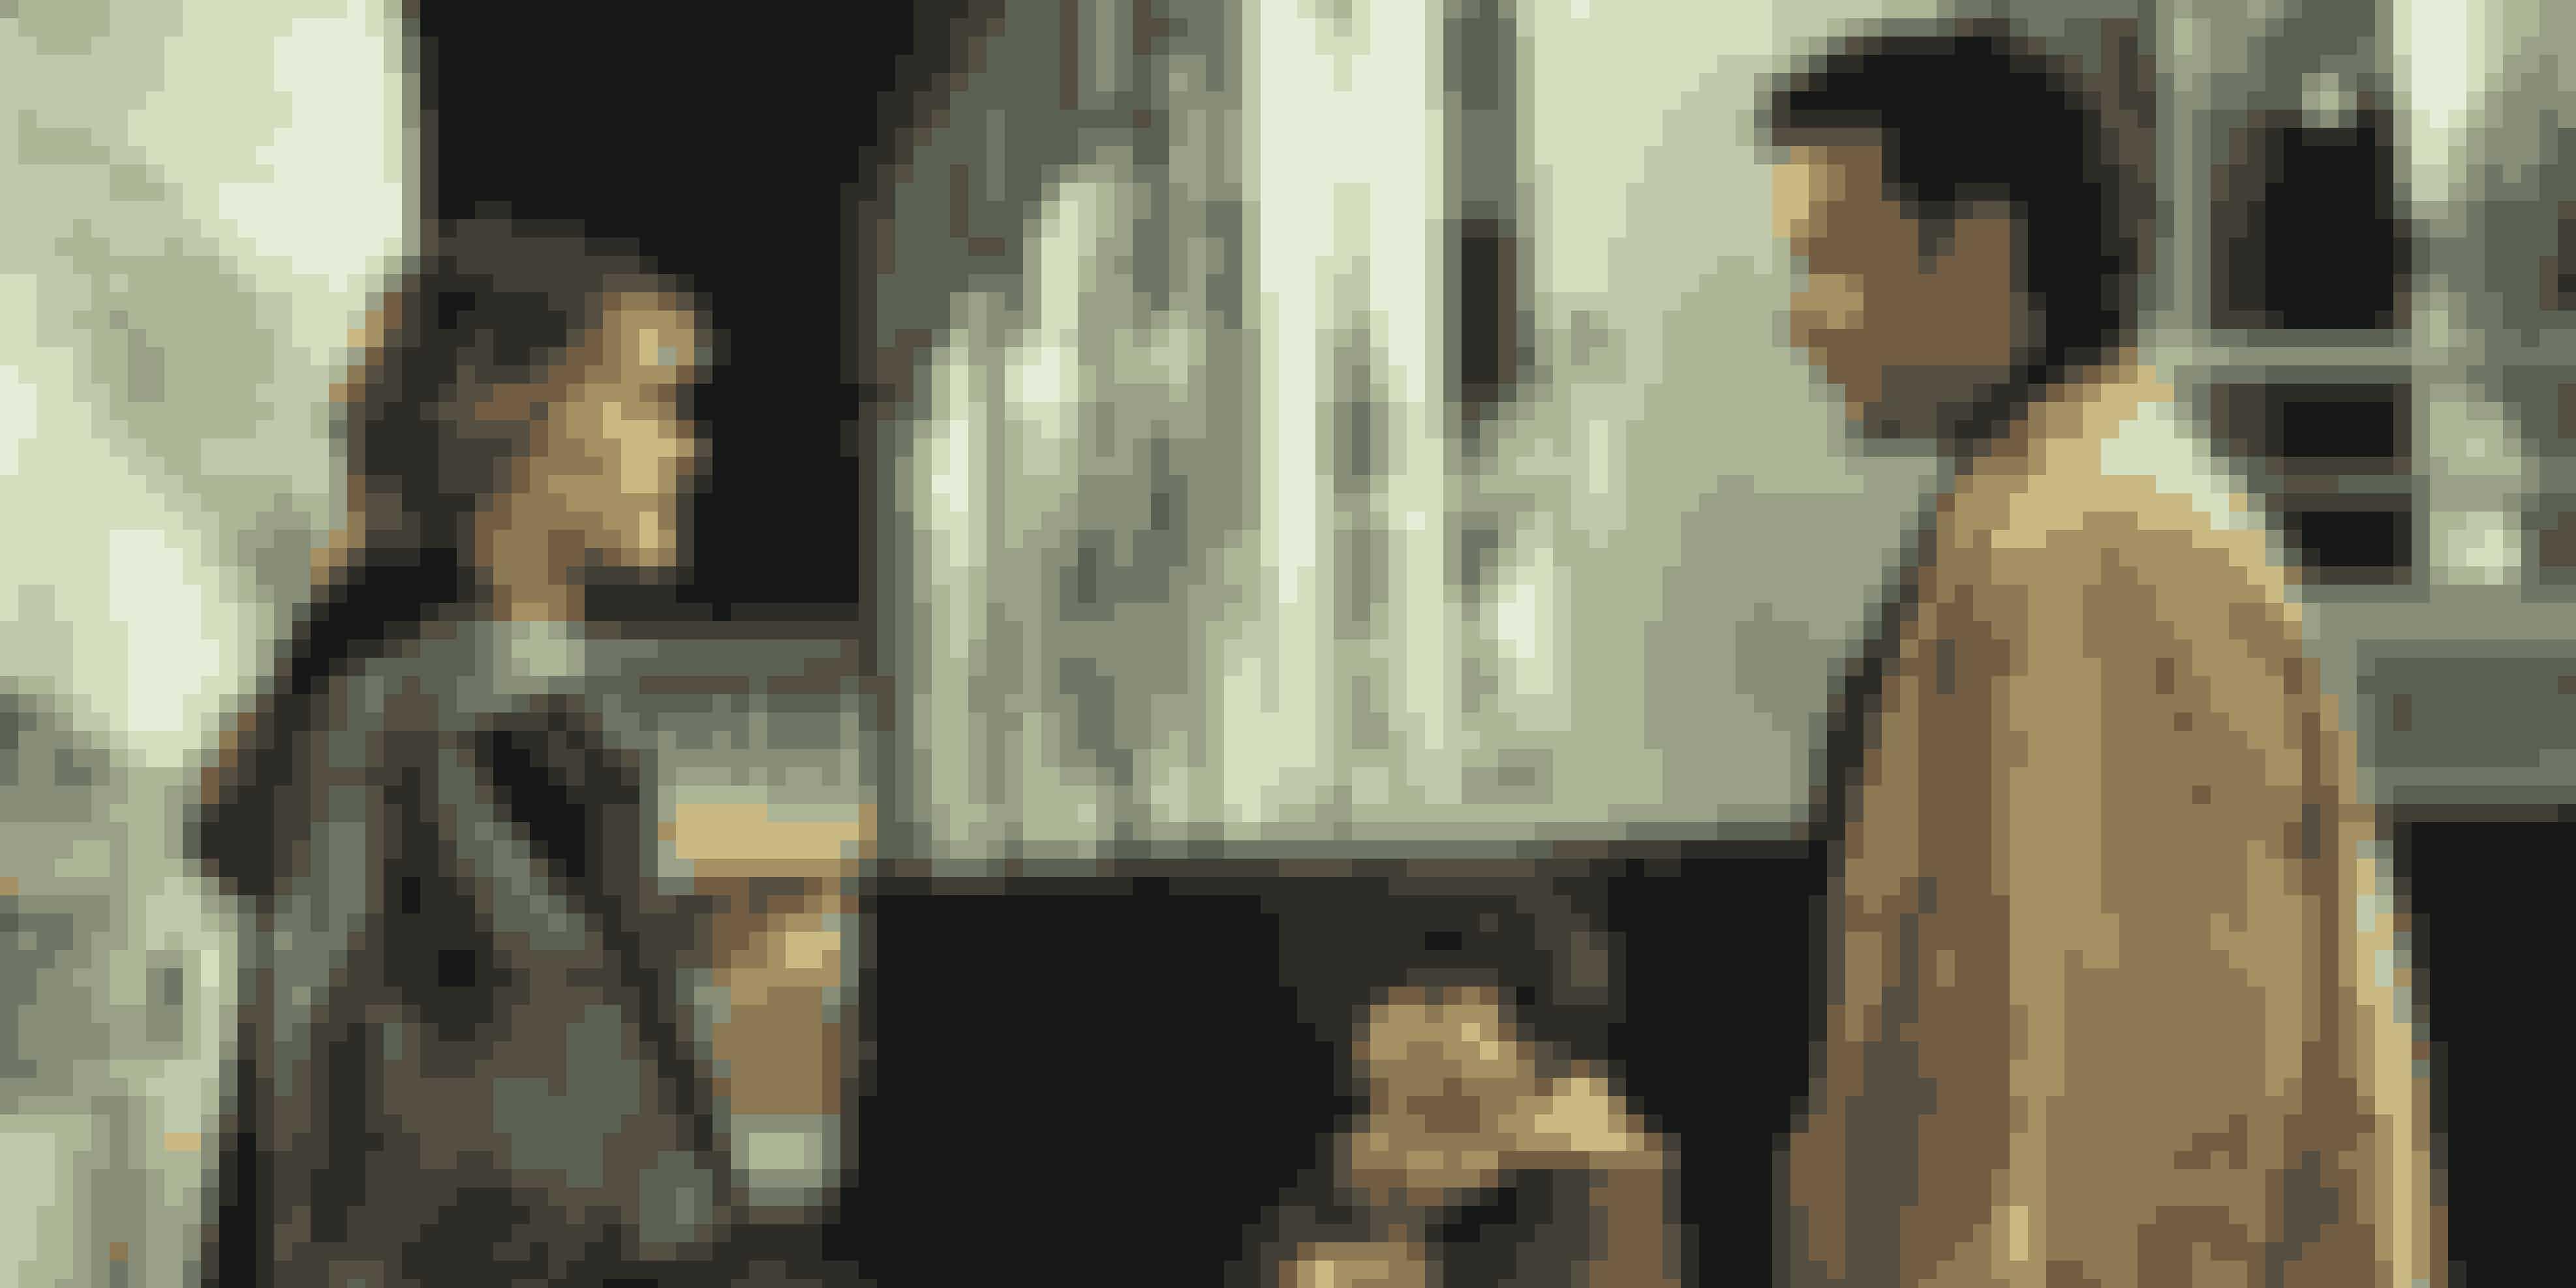 Tom Hanks og Meg Ryan var et nærmest ikonisk filmpar i 90'erne, hvor de bl.a. indspillede 'Søvnløs i Seattle' og You've Got Mail' sammen.